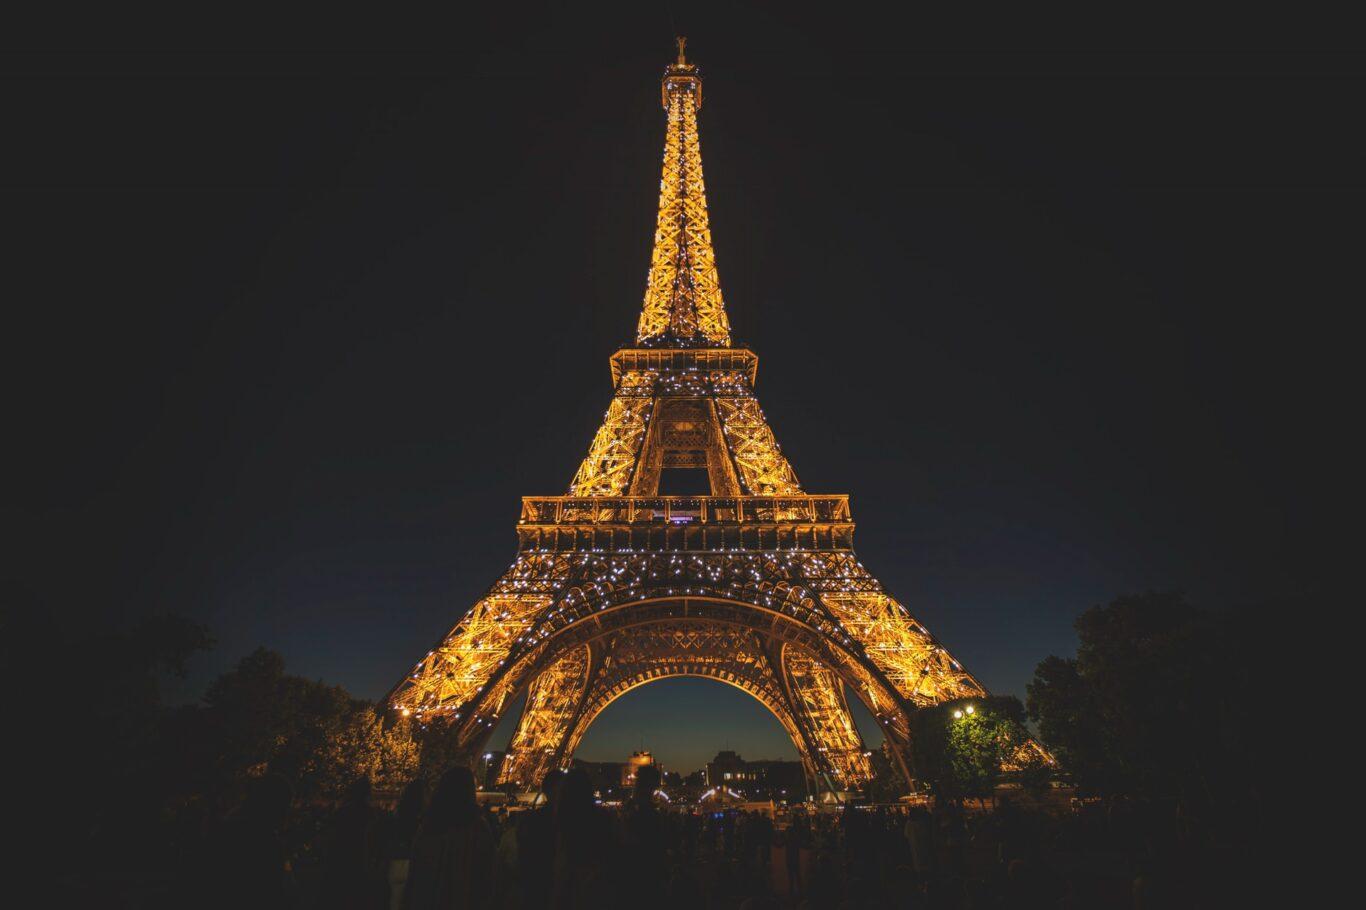 ταξίδι στο Παρίσι-μήνας του μέλιτος στο Παρίσι